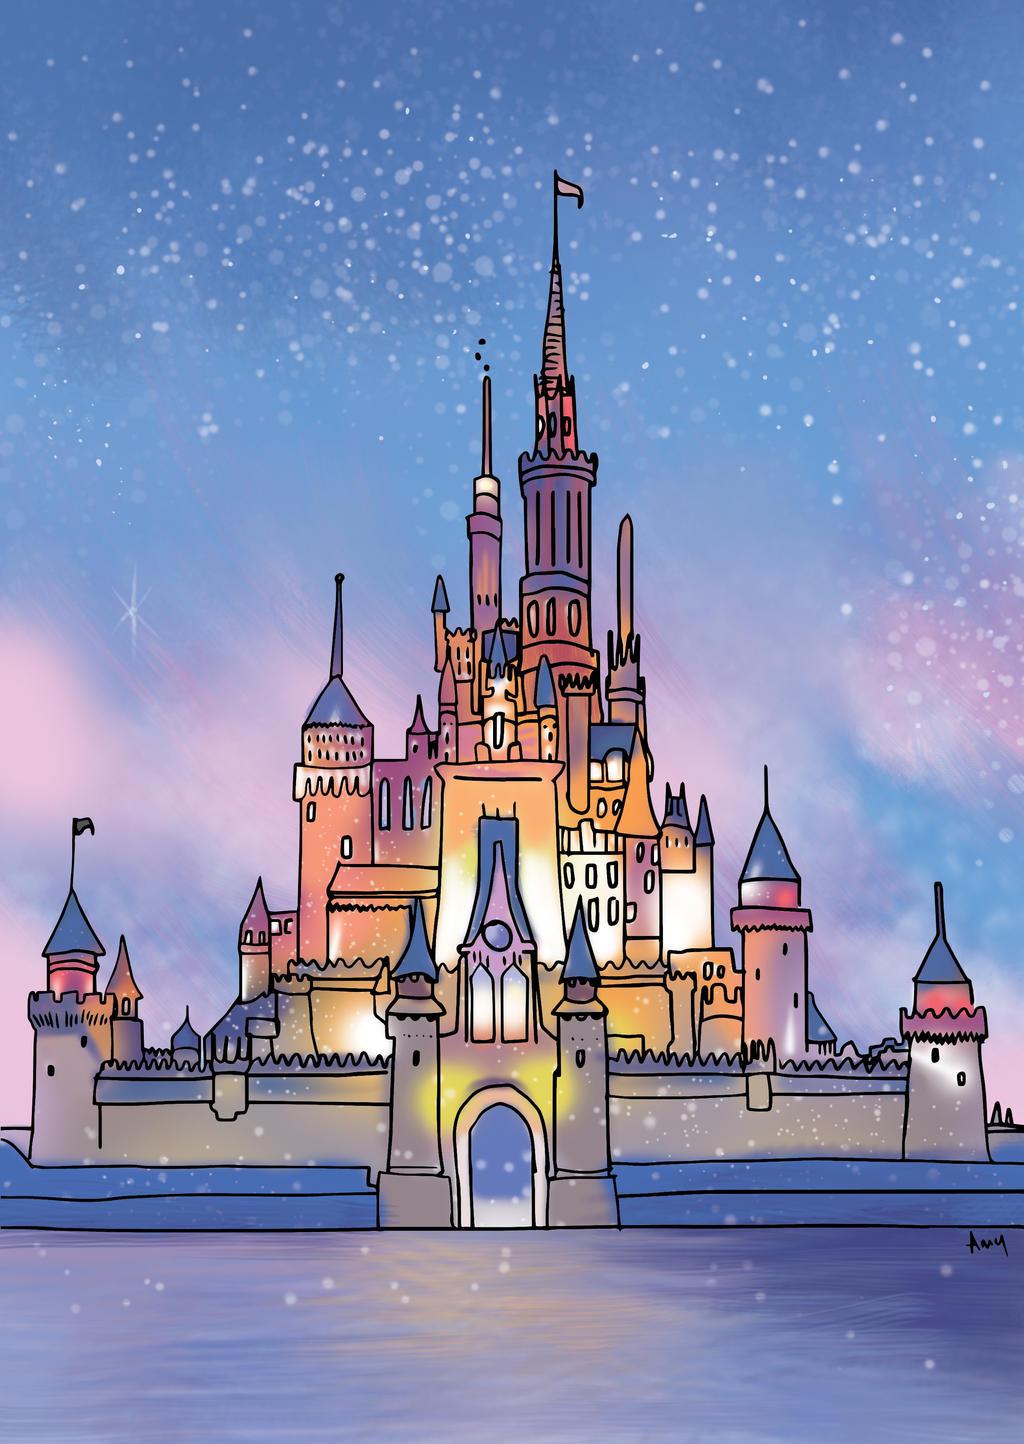 Disney castle by art4amysam on deviantart for Disney castle mural wallpaper